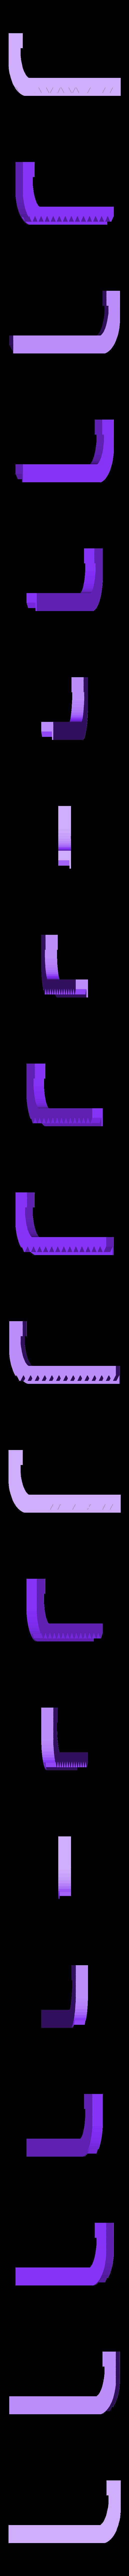 Franja_engranada_2.0.stl Télécharger fichier STL gratuit Distributeur automatique de gel Remix • Plan à imprimer en 3D, maxine95